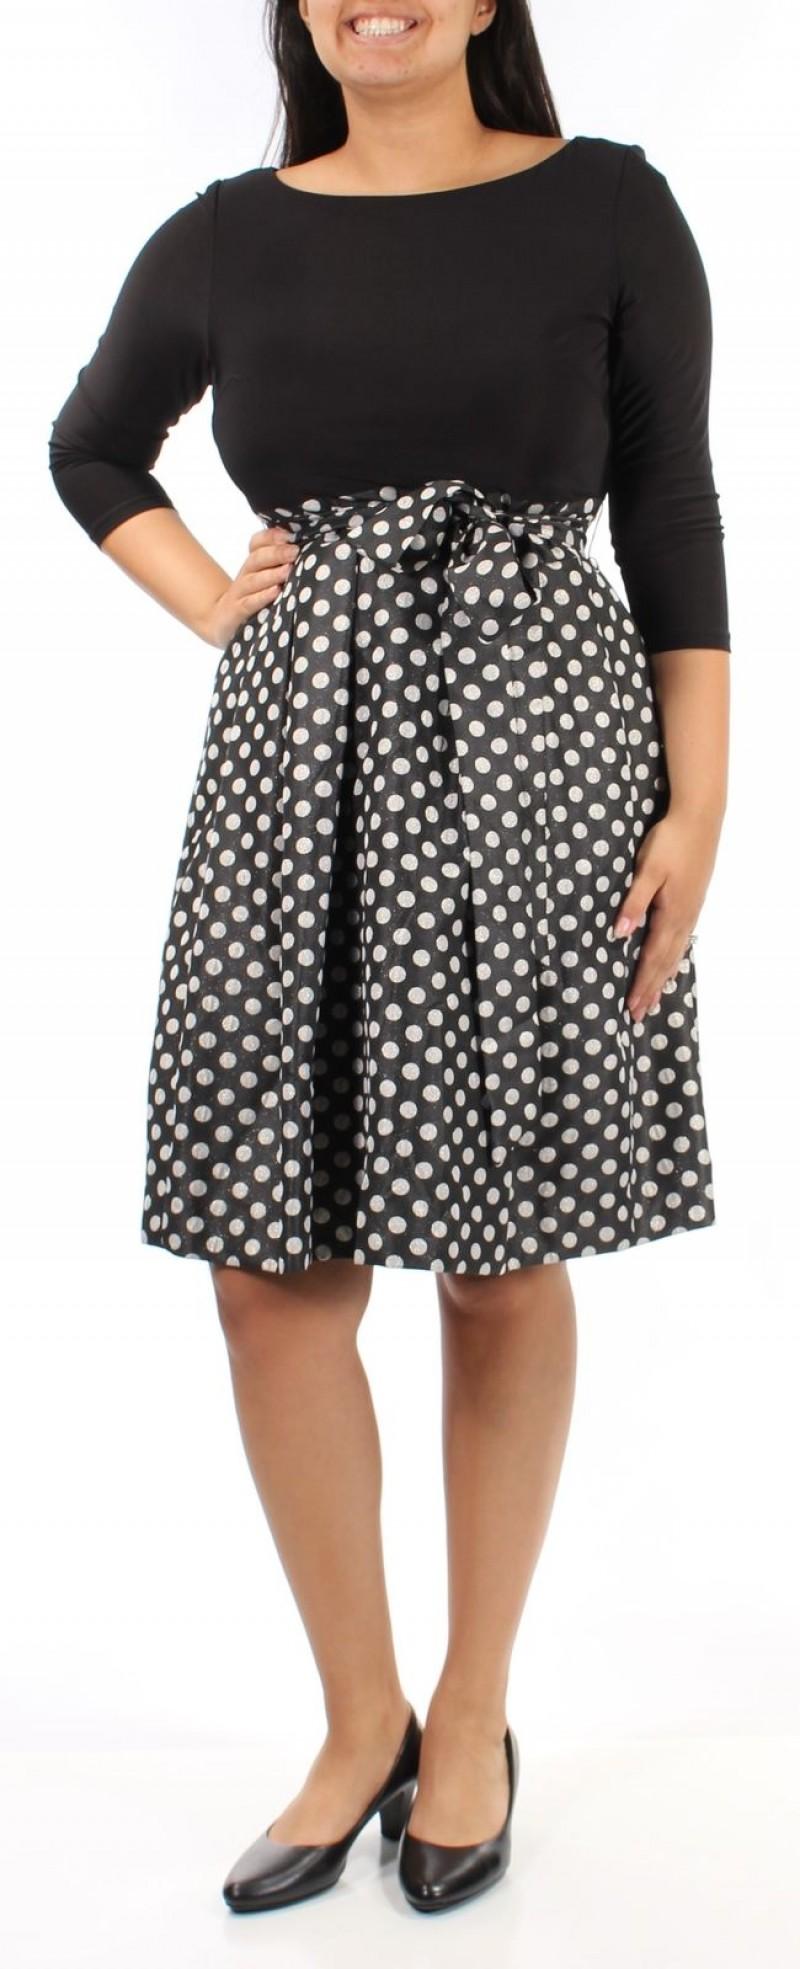 89c6ee7f8d3 Jessica Howard pin-up stiilis kleit - Kleidid - Naiste riided